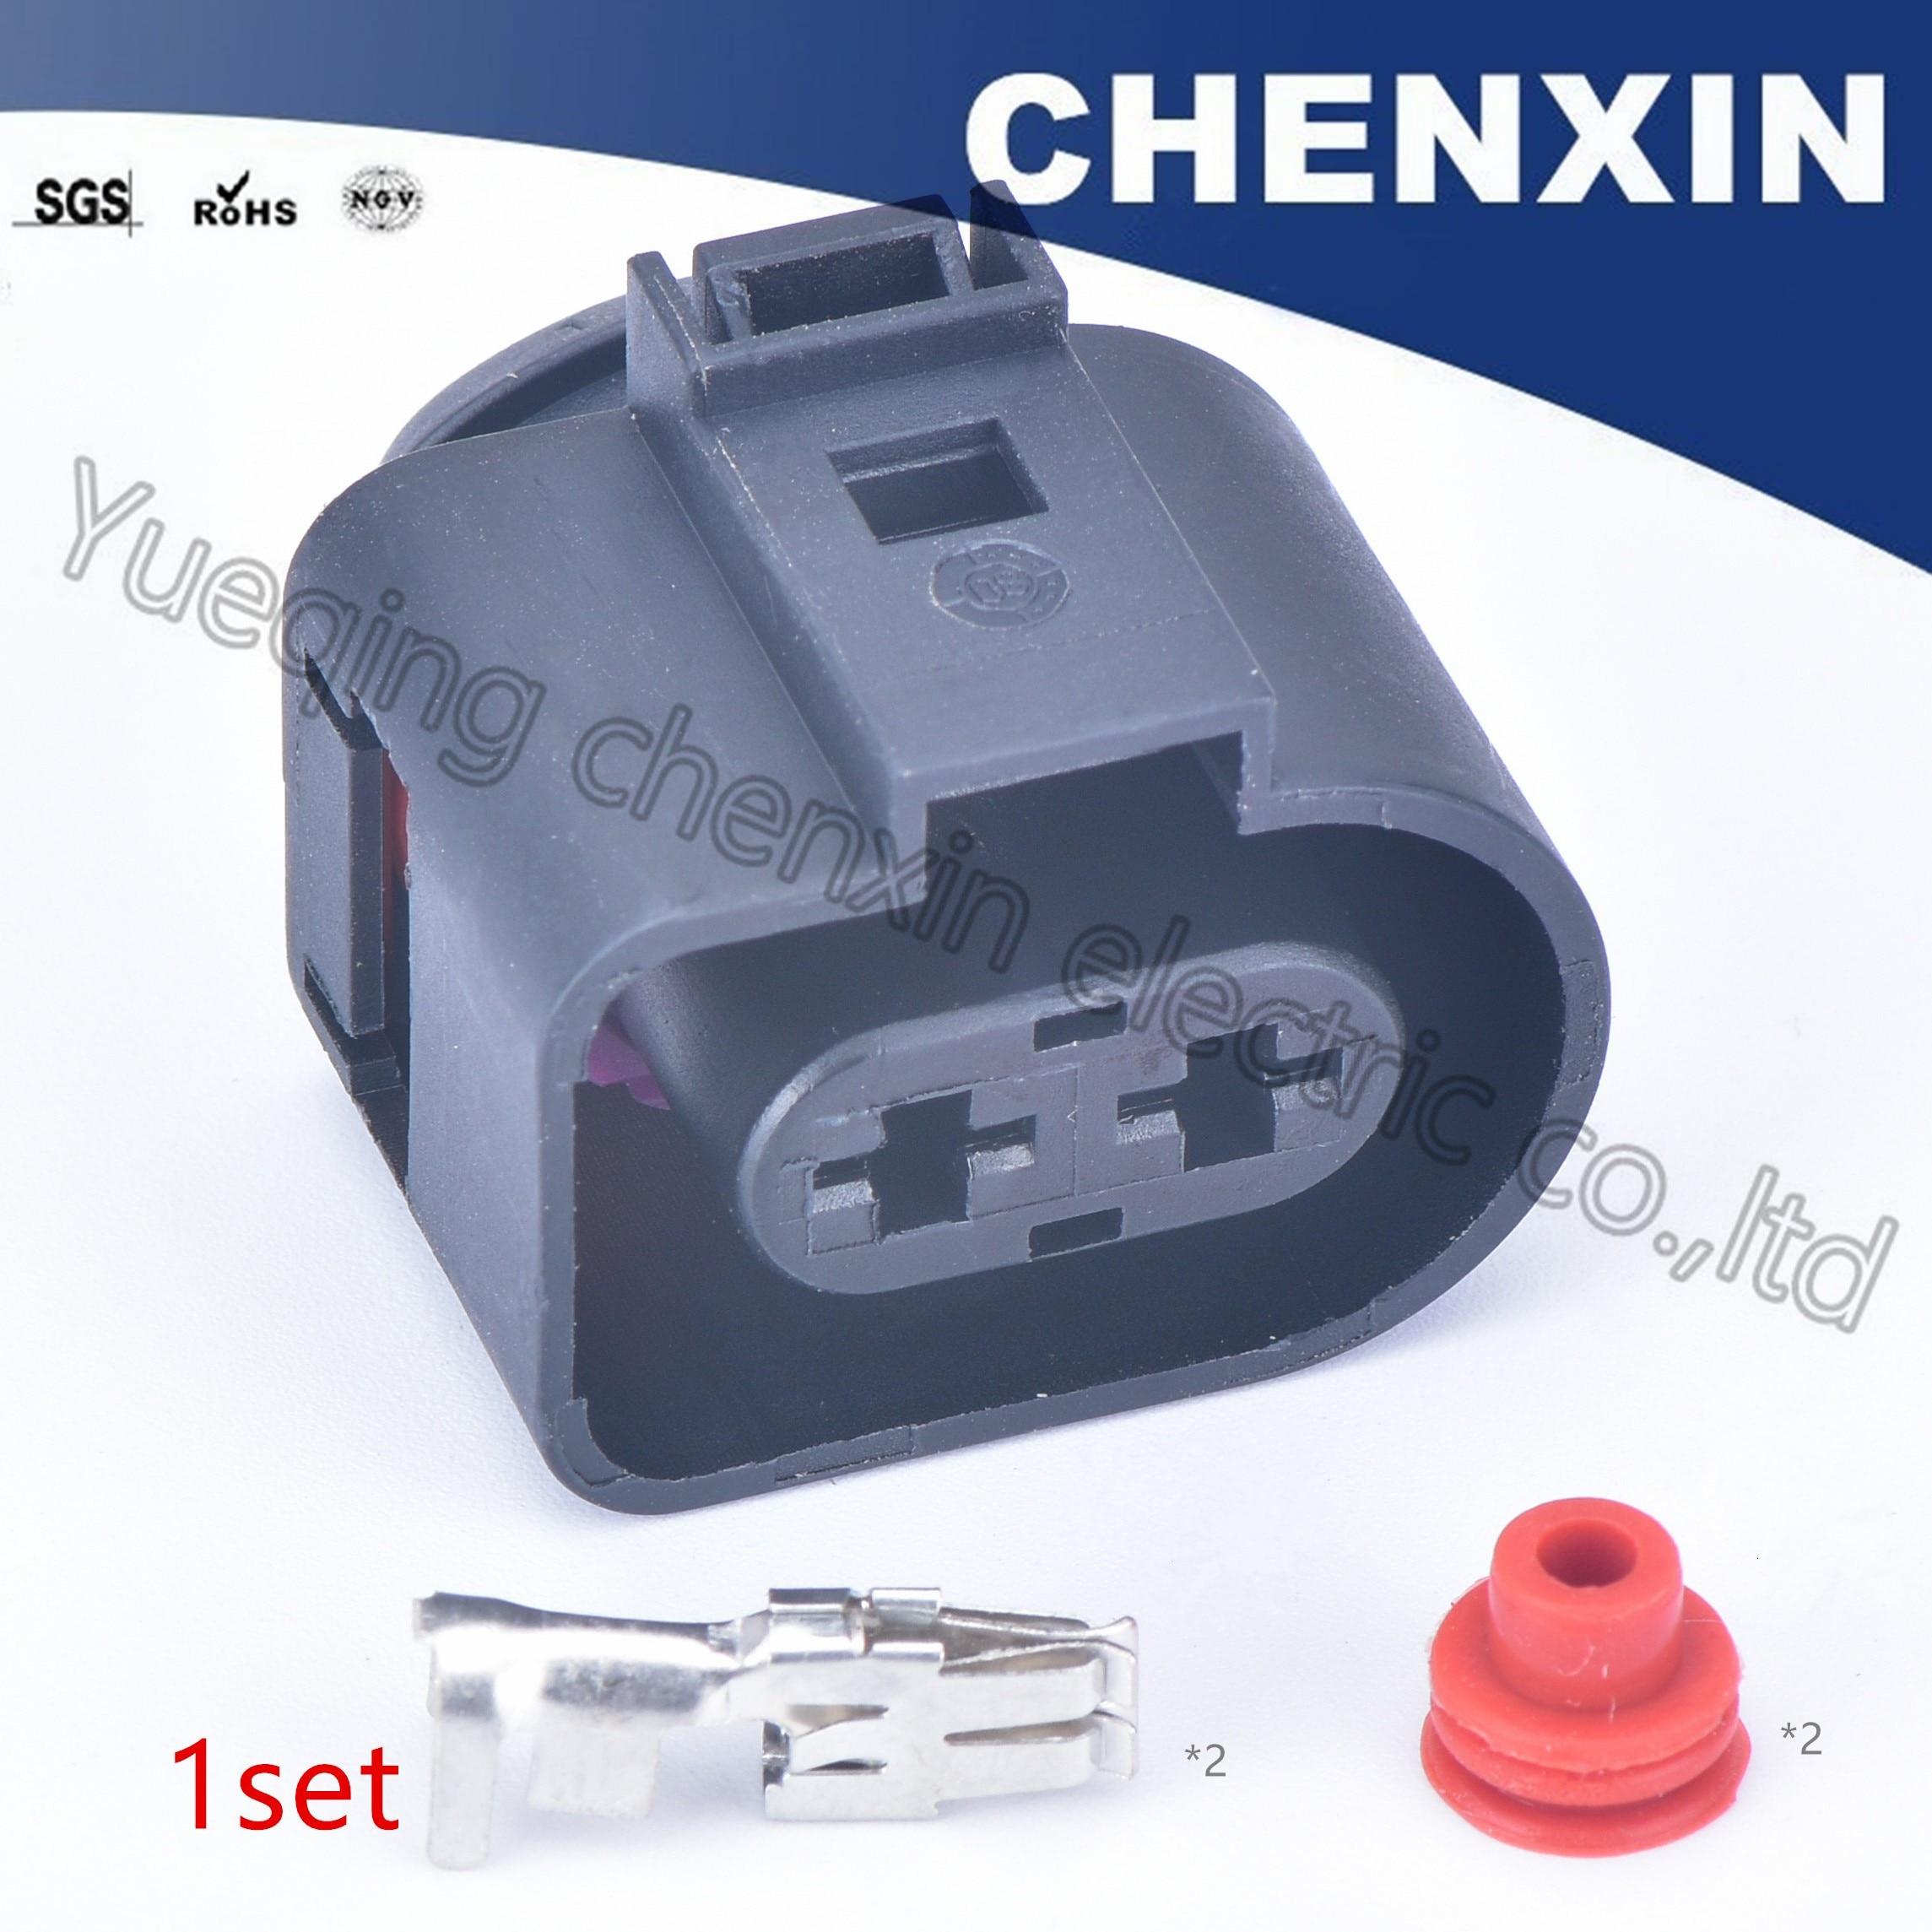 Conector negro de 2 pines para coche, impermeable, Conector de ventilador electrónico hembra 6,3 1J0 973 752 1J0973752, conector de inyección de combustible